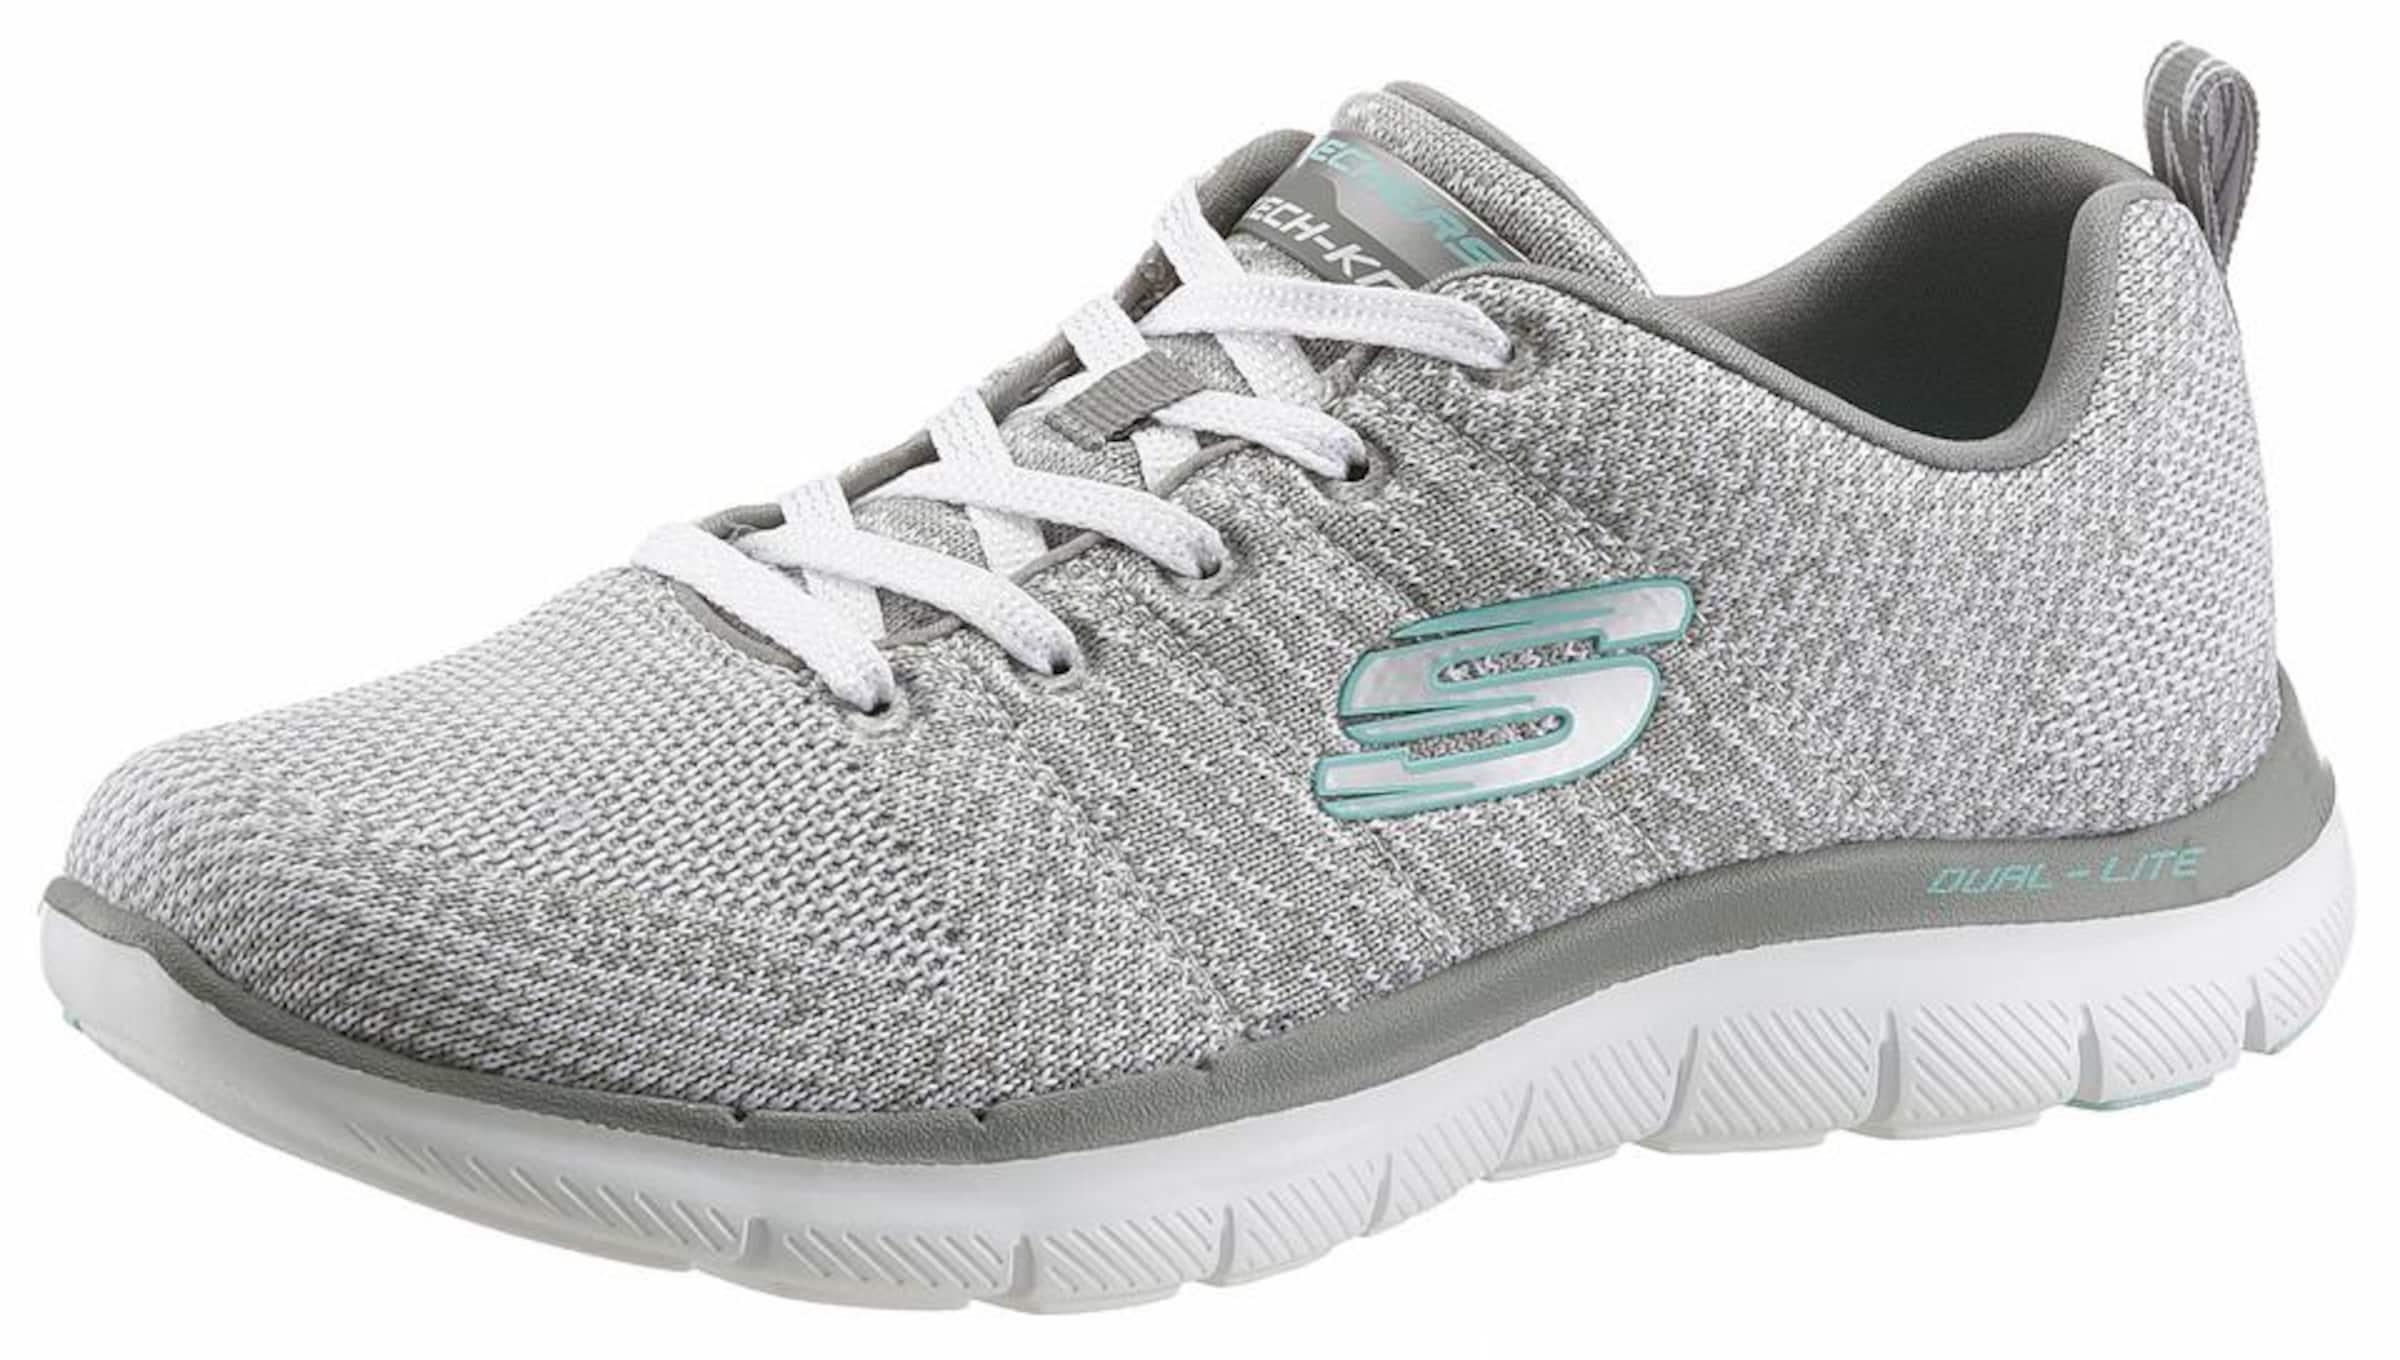 SKECHERS Sneaker Flex Appeal 2.0 High Energy